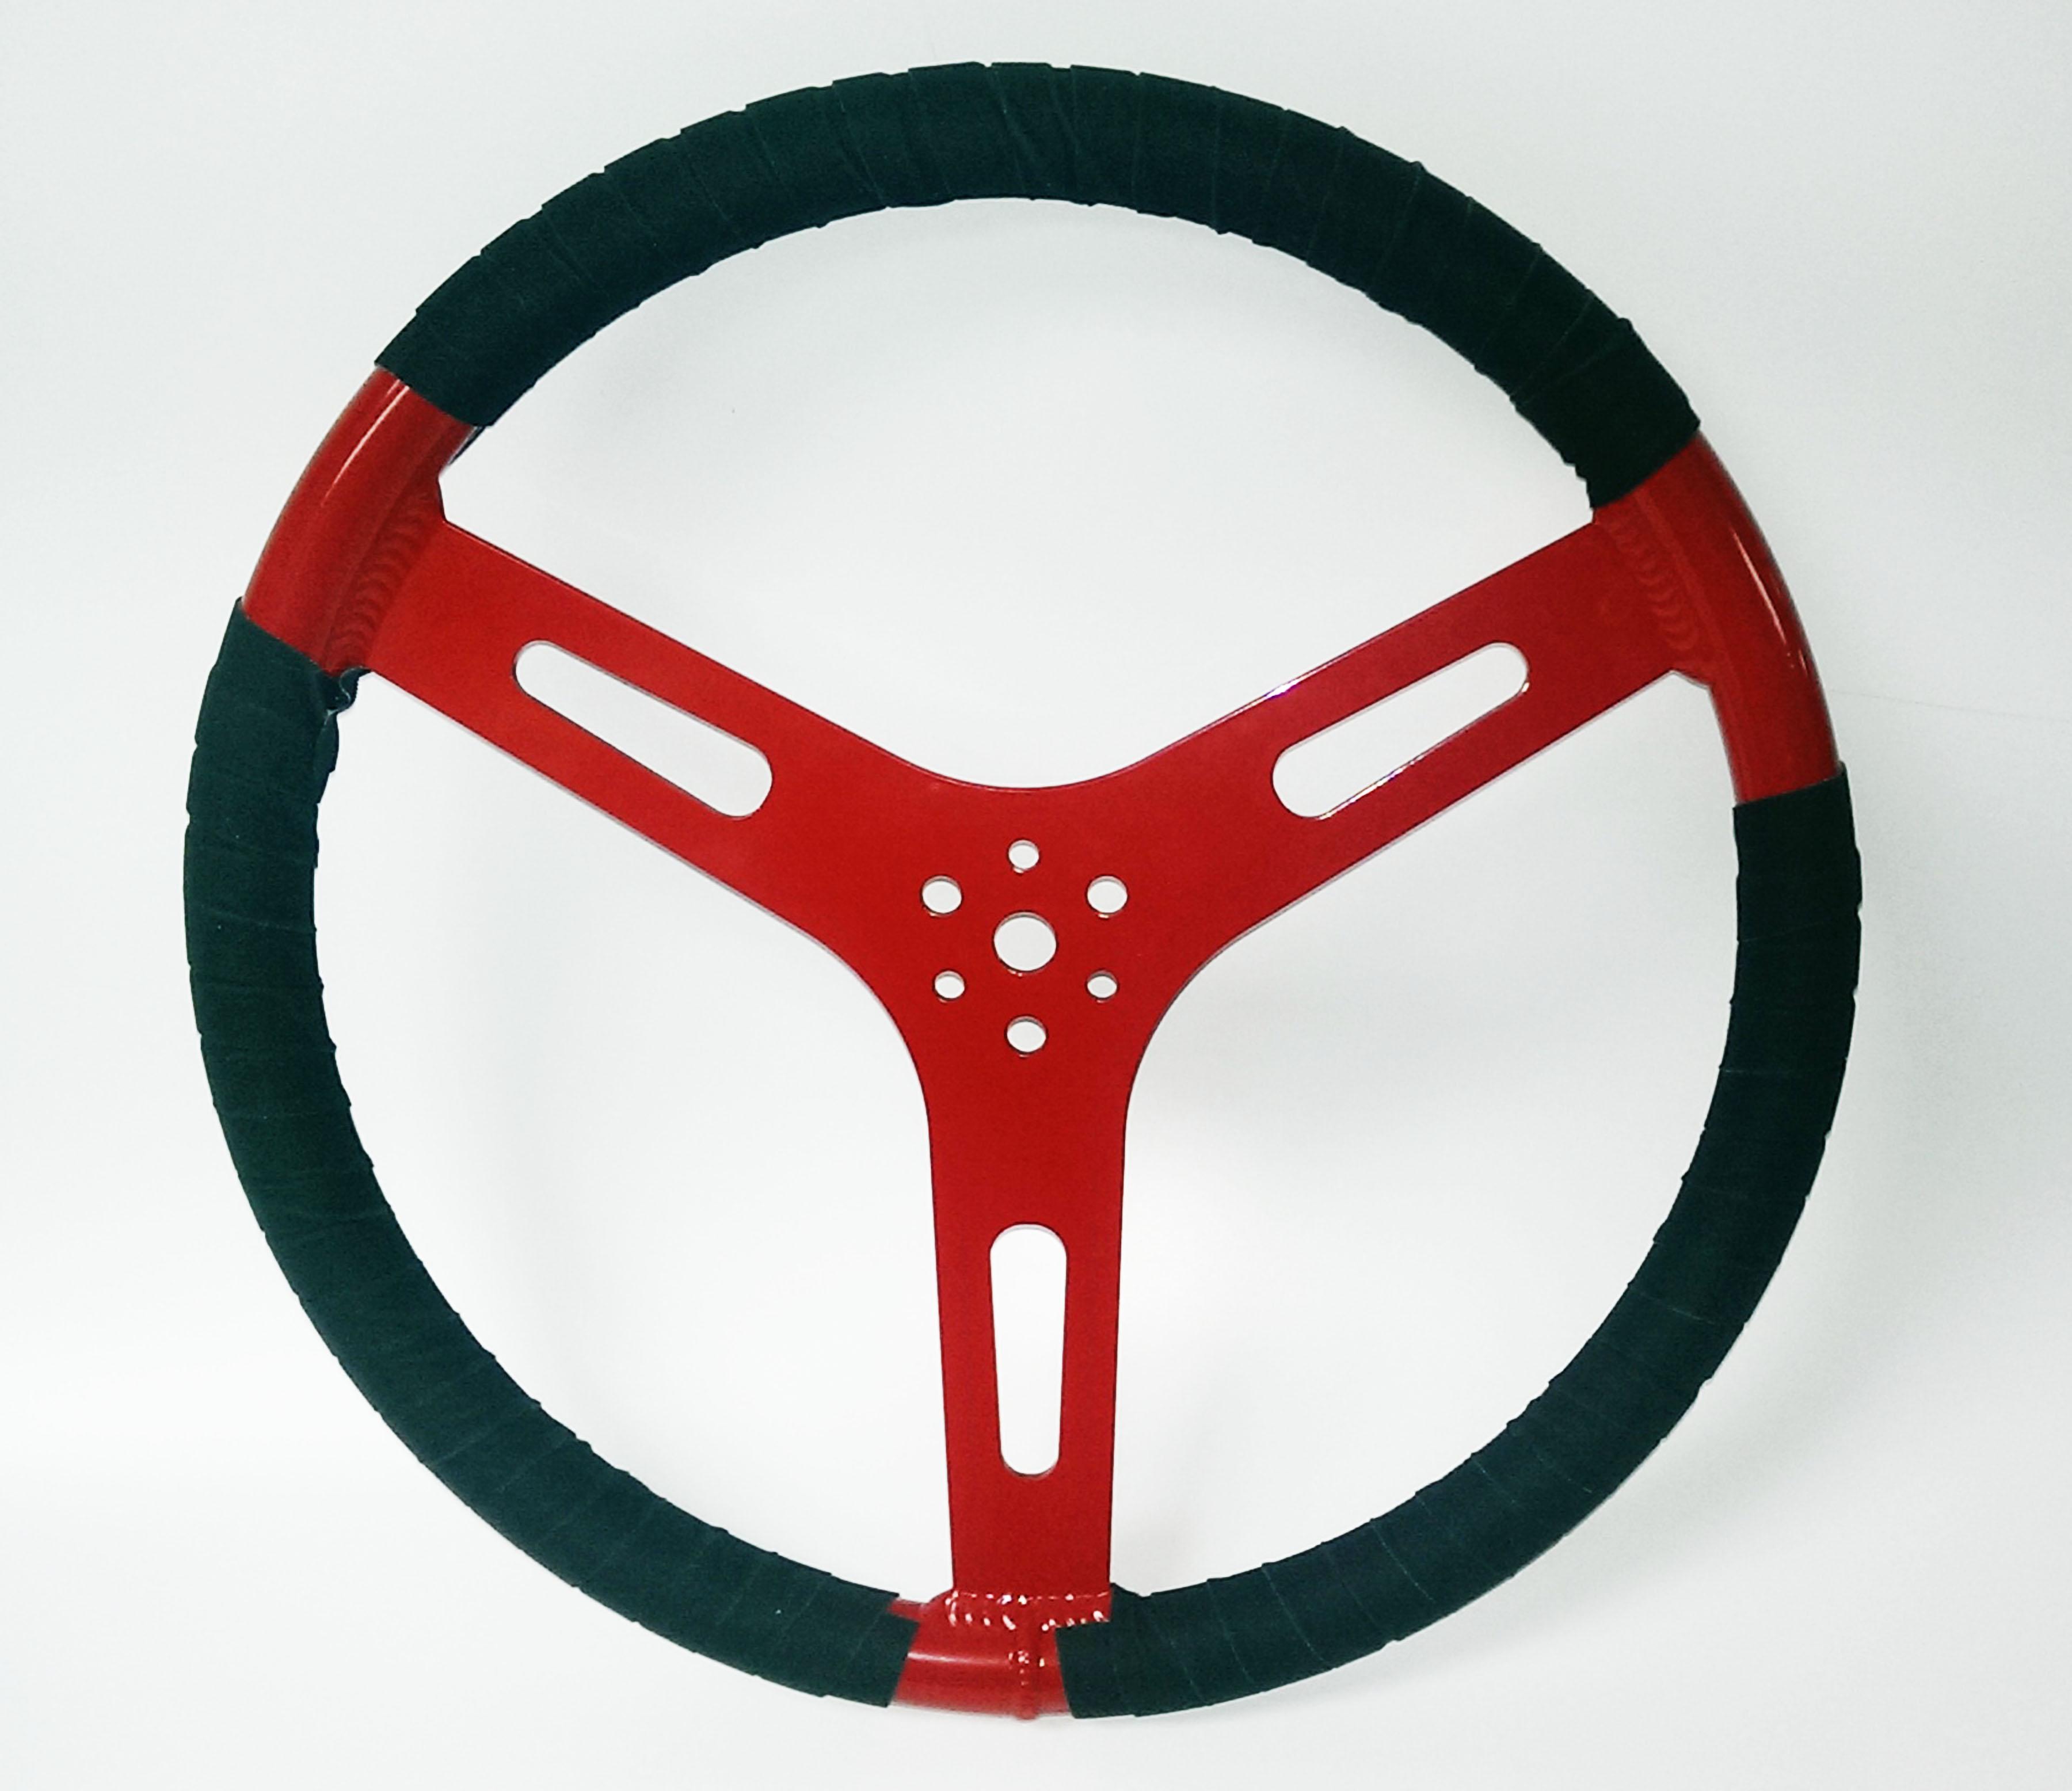 Steering Wheel grip